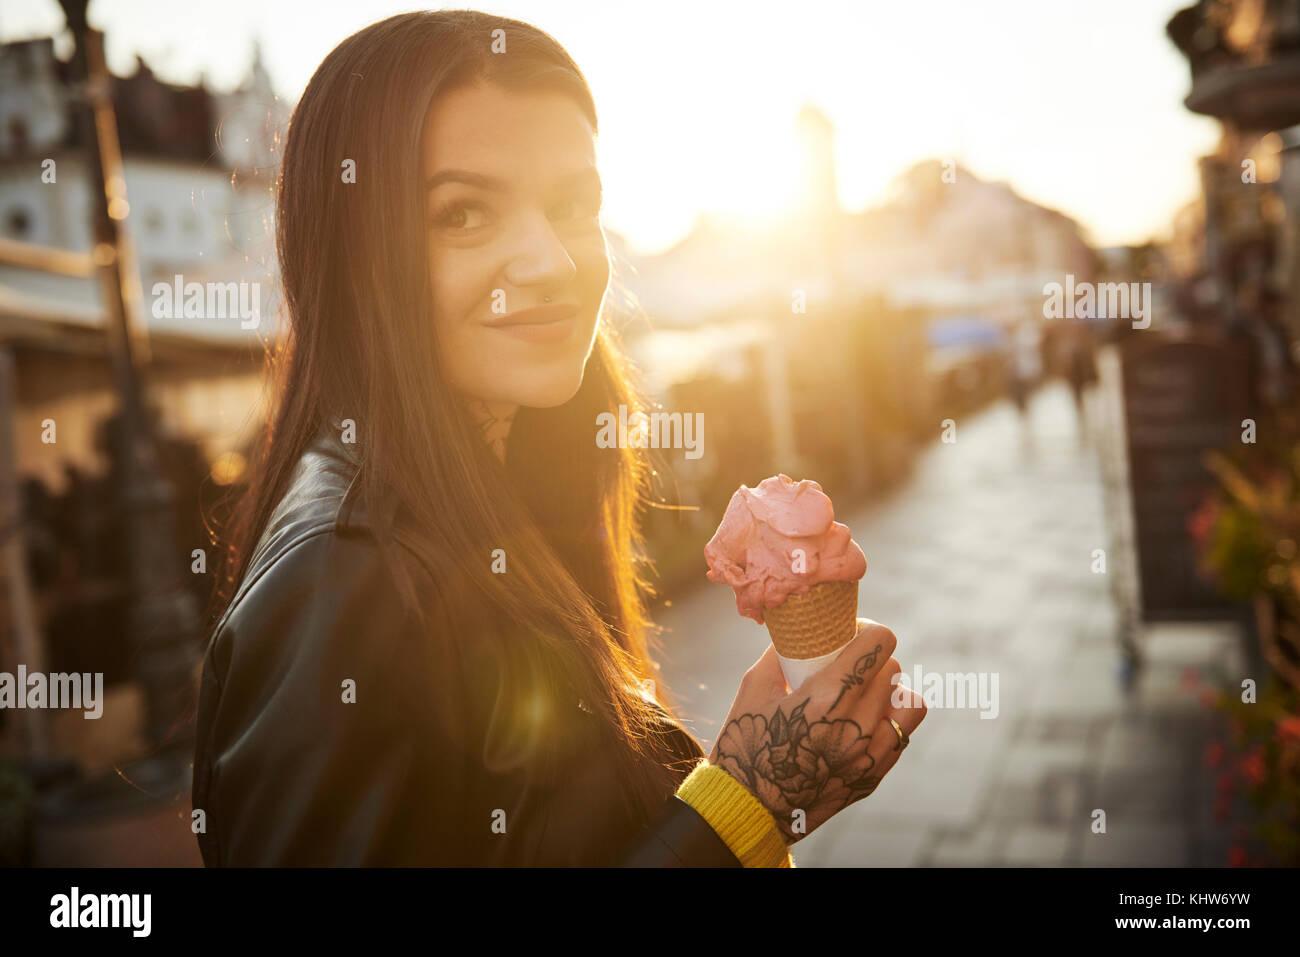 Porträt der jungen Frau mit Eis, Tattoos auf der Hand Stockbild